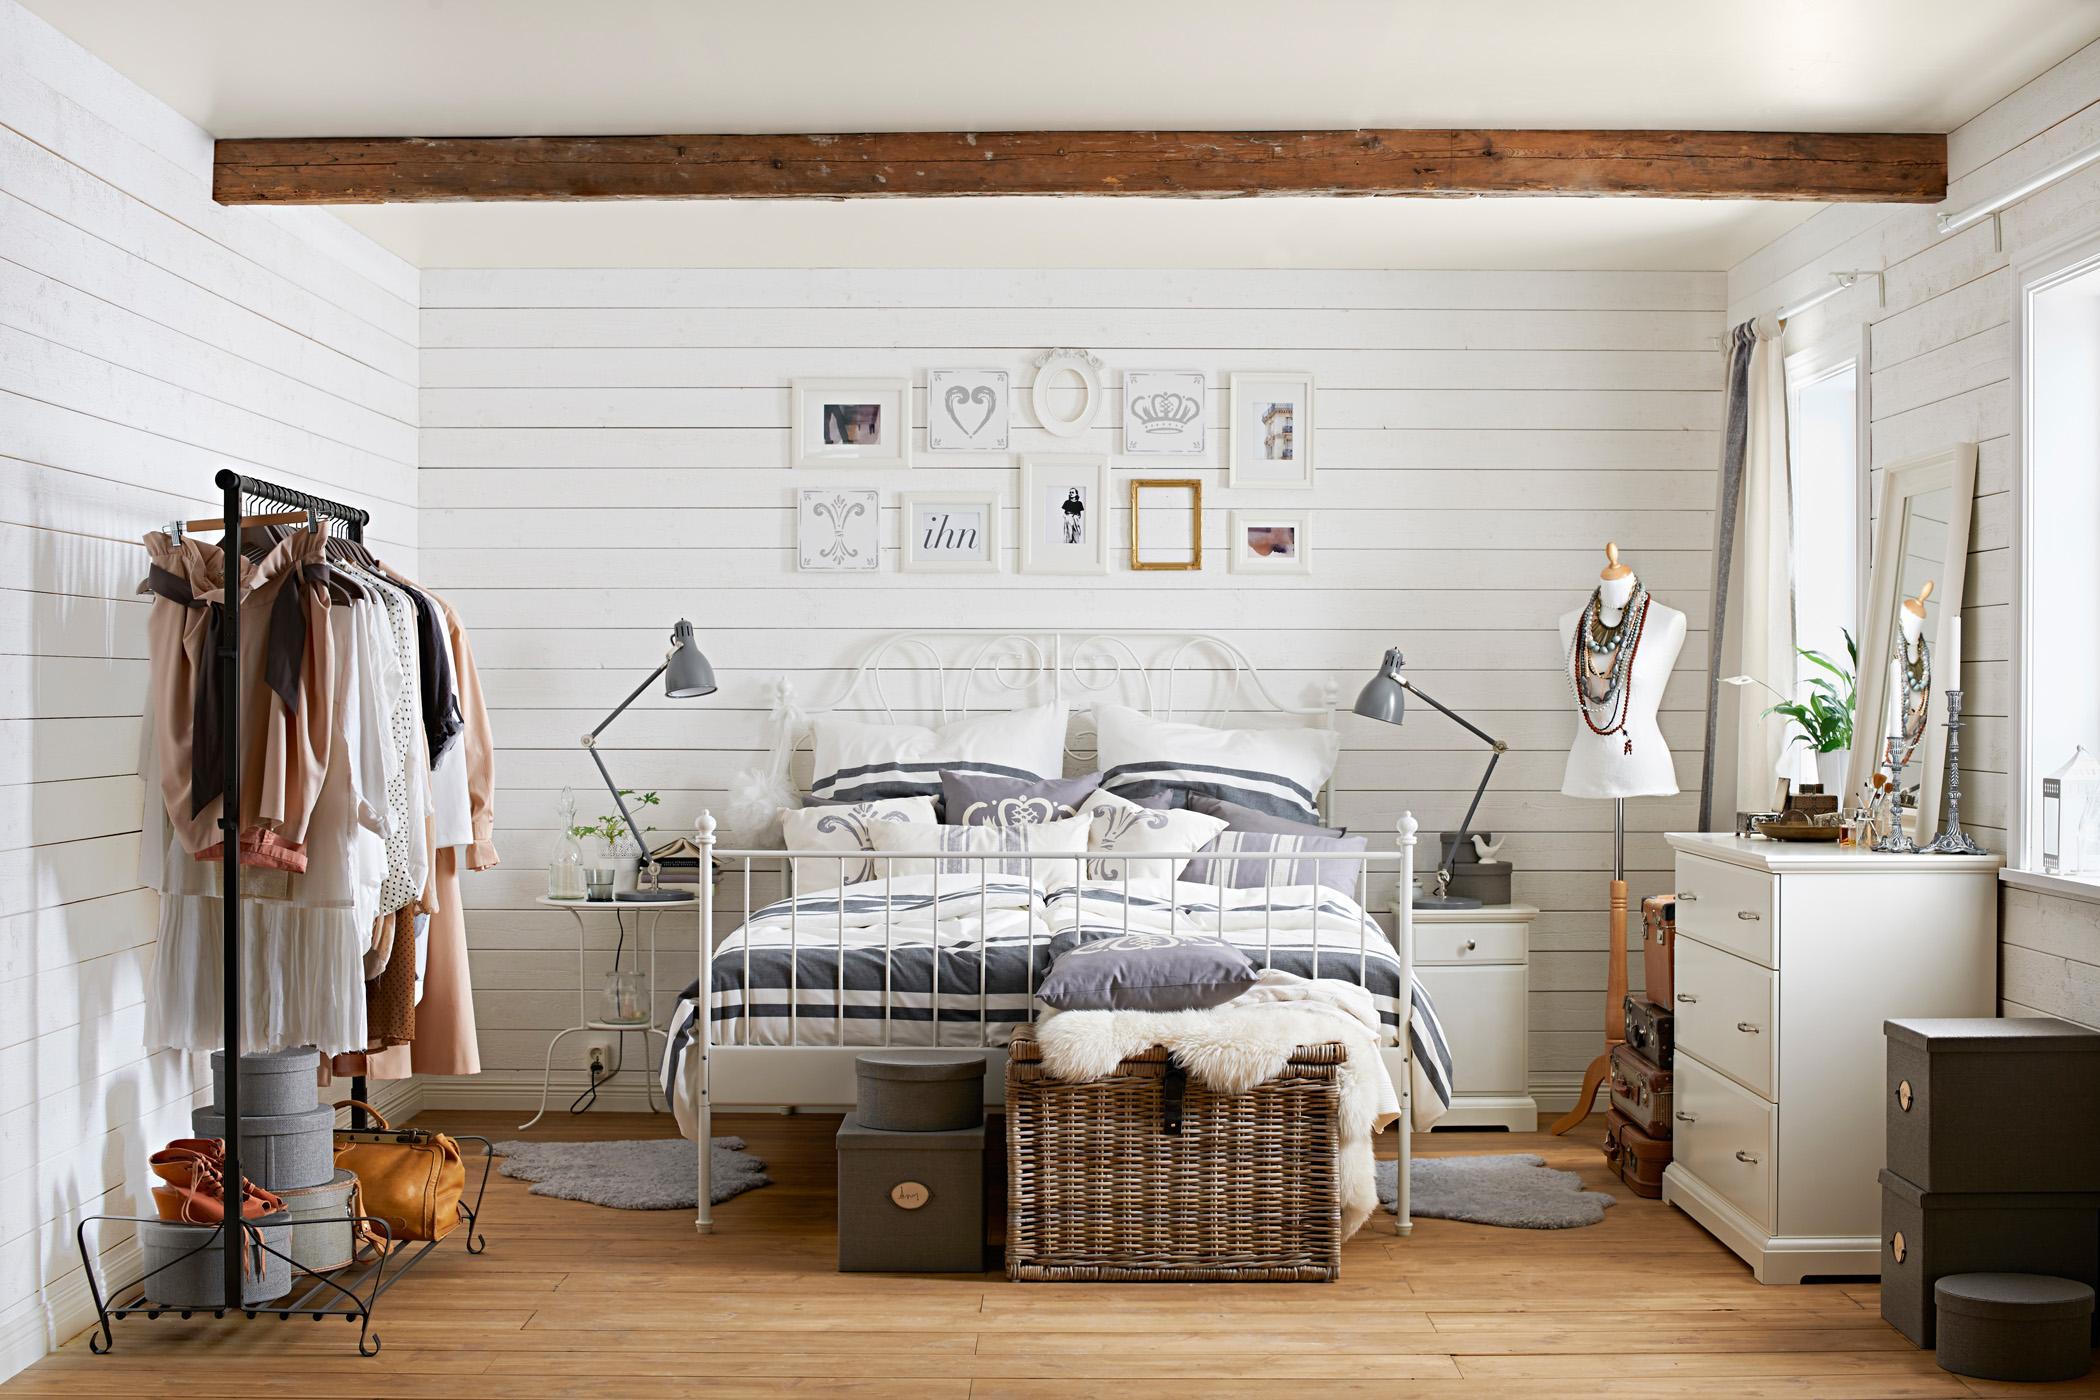 Coole Accessoires im Schlafzimmer #spiegel #bilderra...